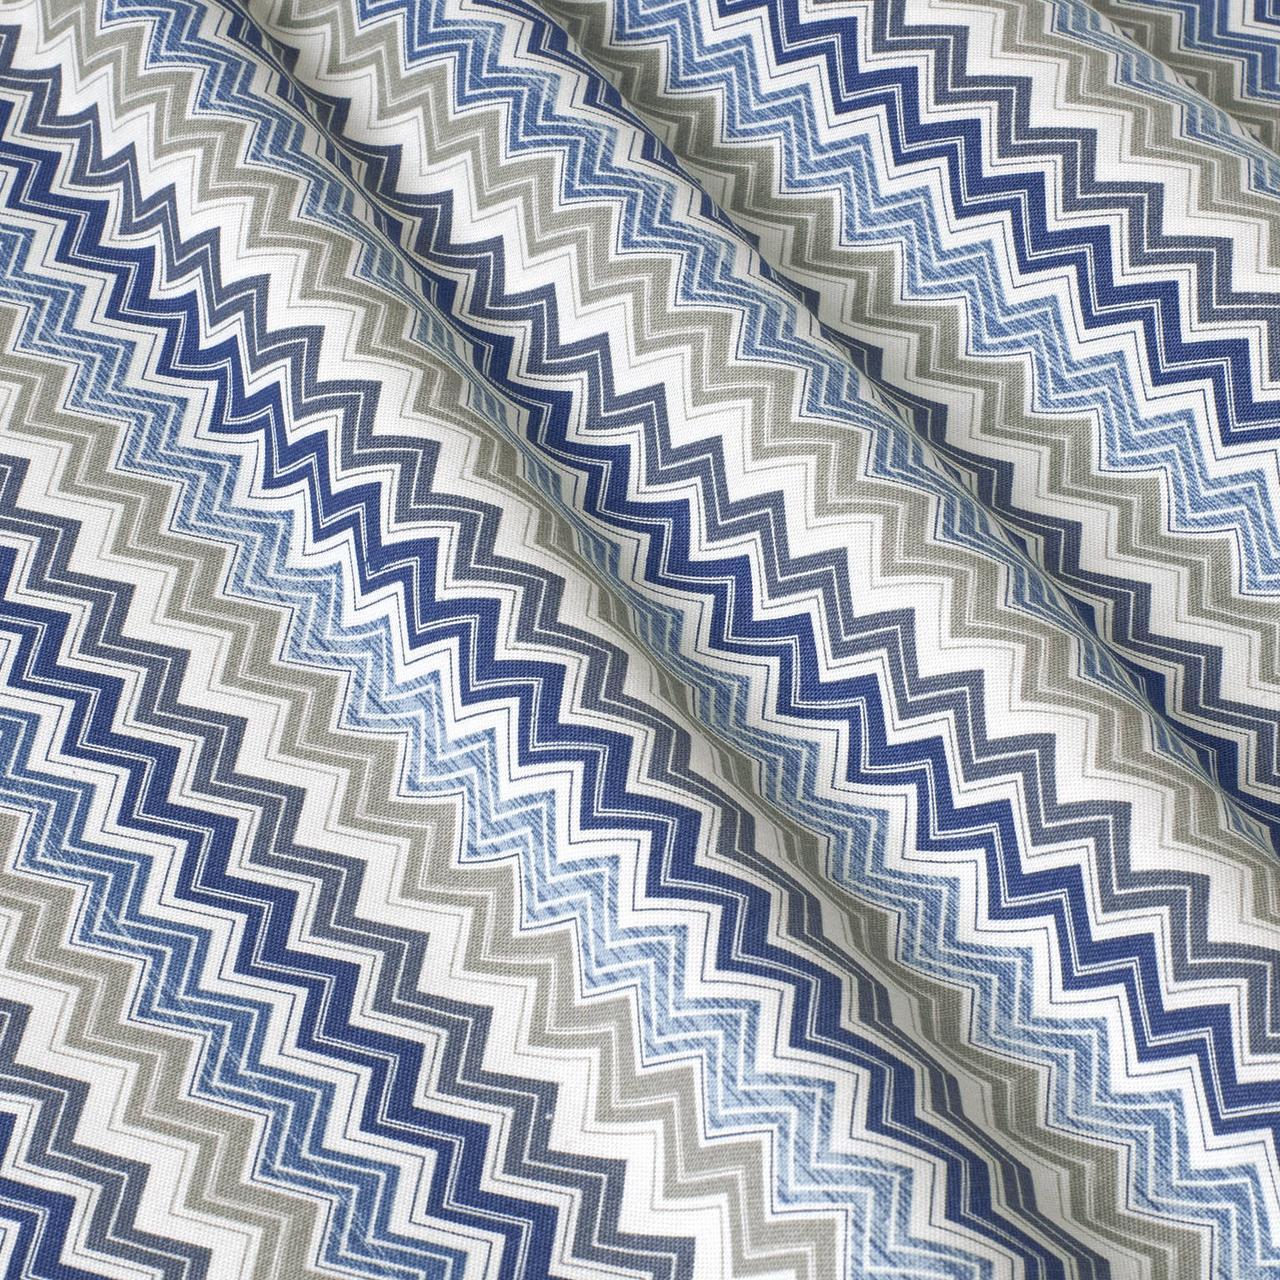 Декоративна тканина зигзаги міссоні блакитні білі Туреччина 88004v2